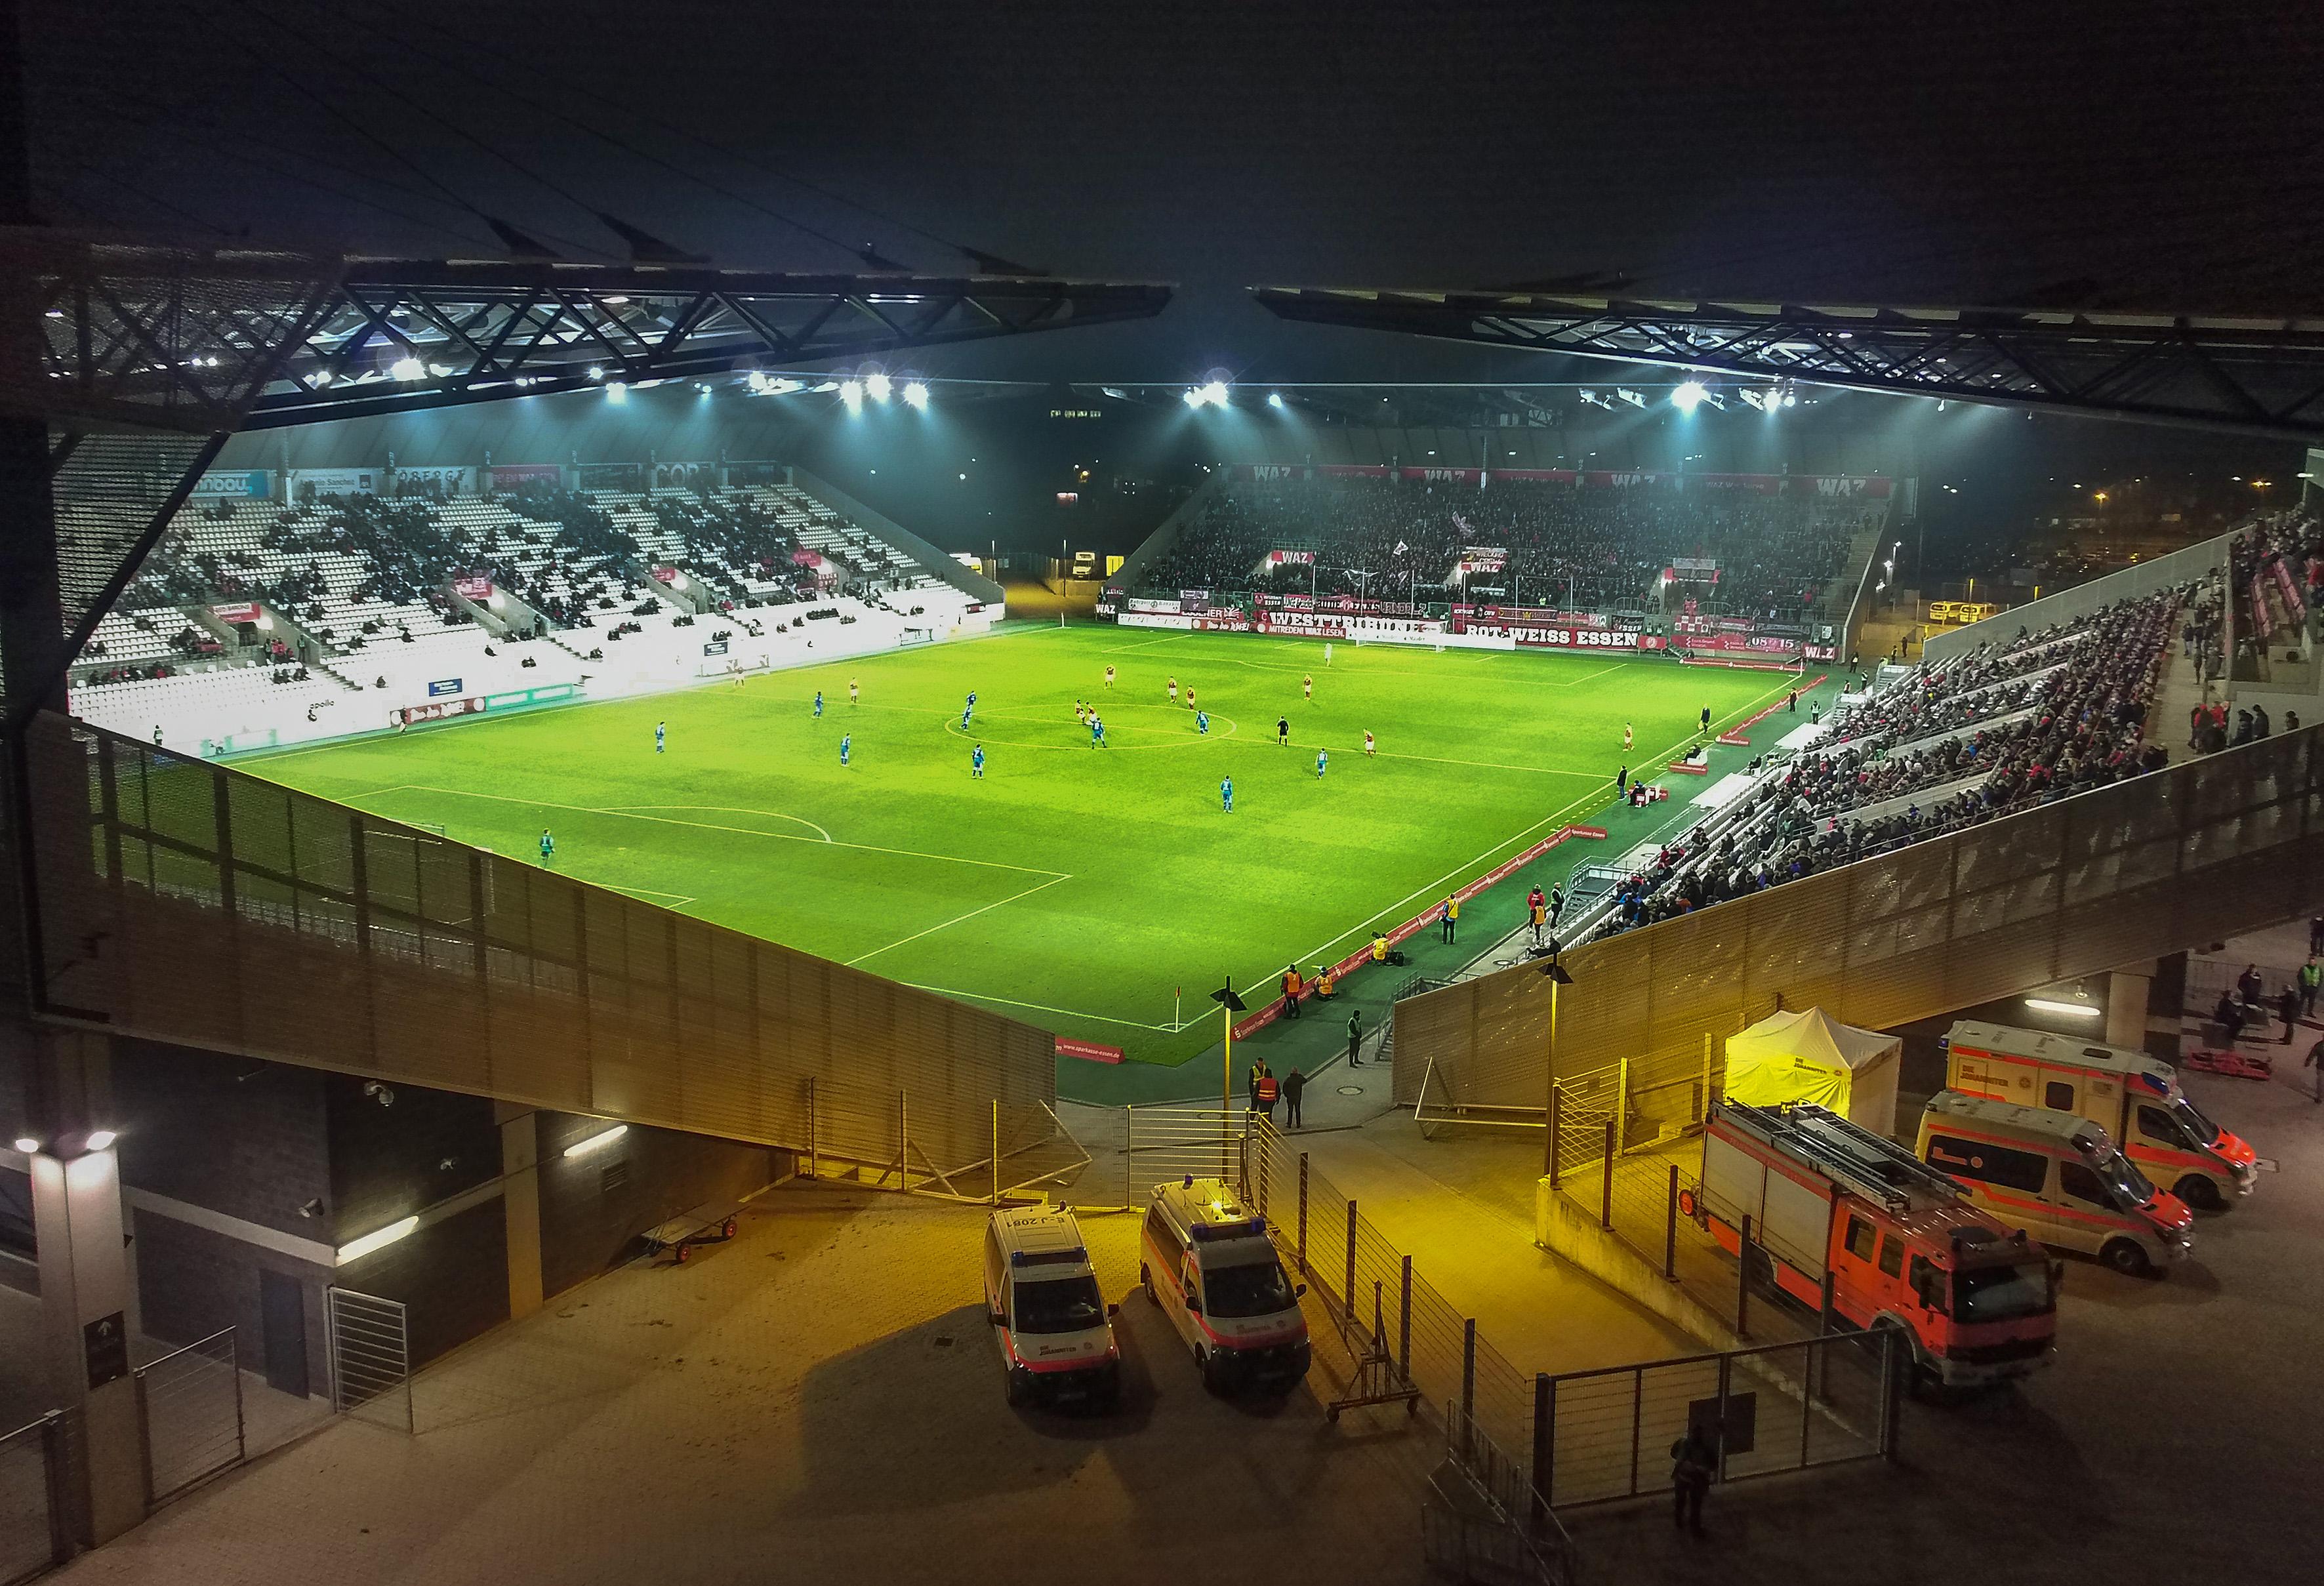 Die Begegnung gegen den SV Straelen wird unter Flutlicht ausgetragen. (Foto: Gohl)